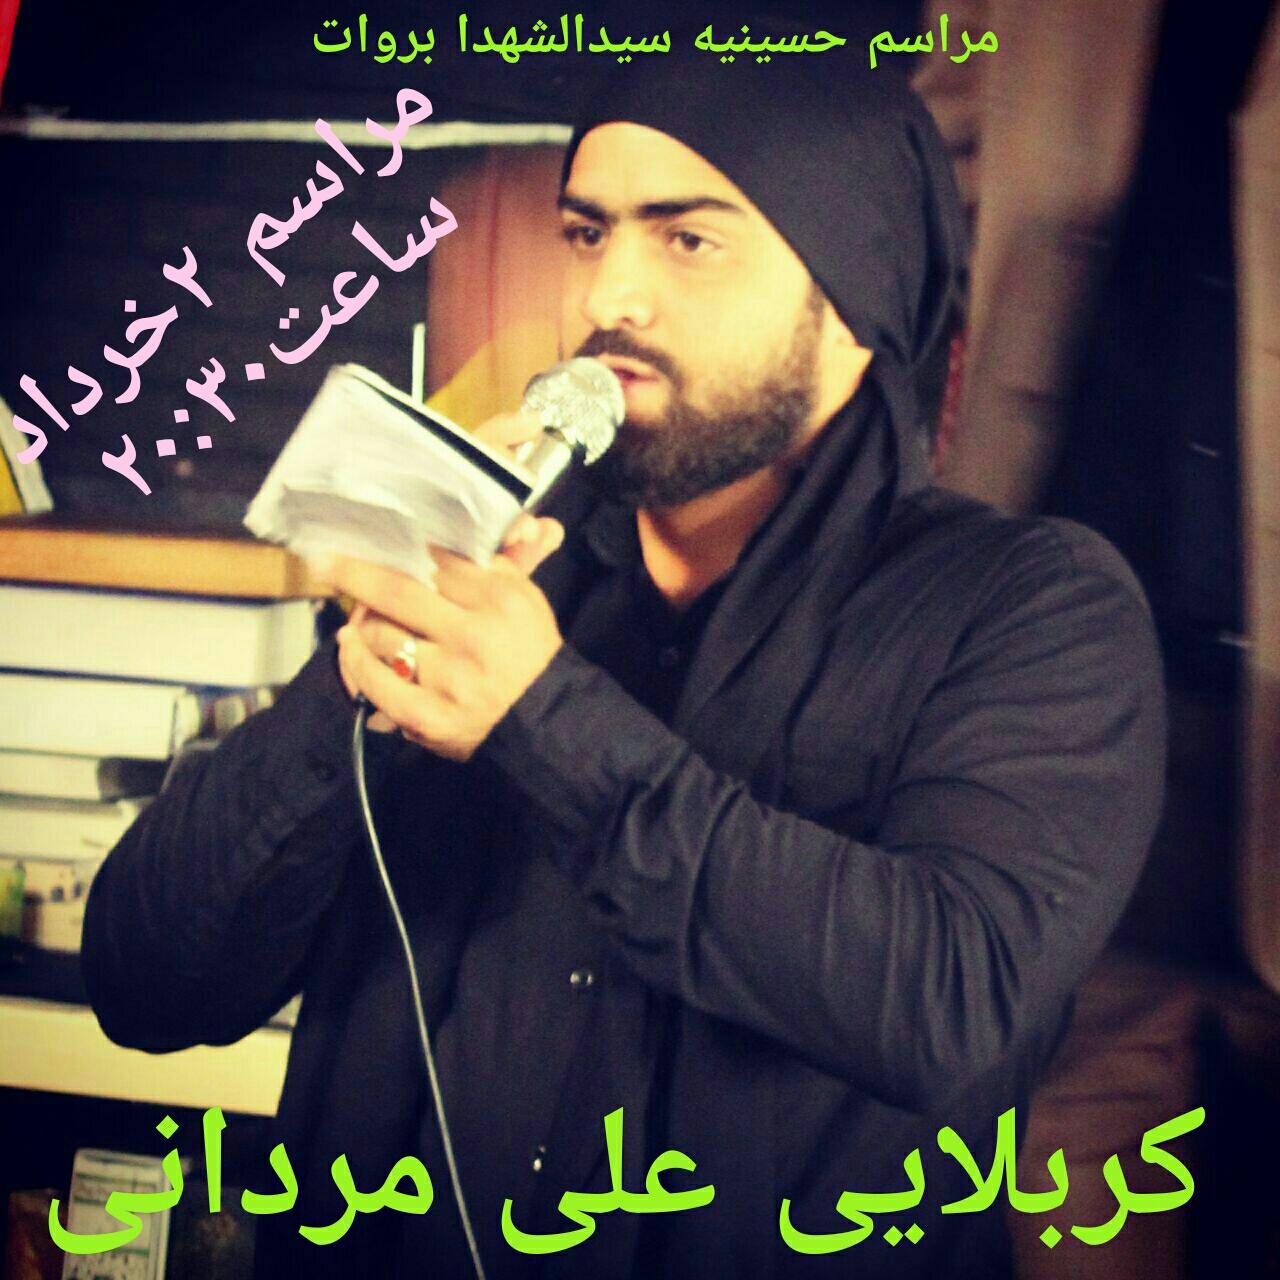 کربلایی علی مردانی وکربلایی محمدرضا دانشی وکربلایی مهران بارانی